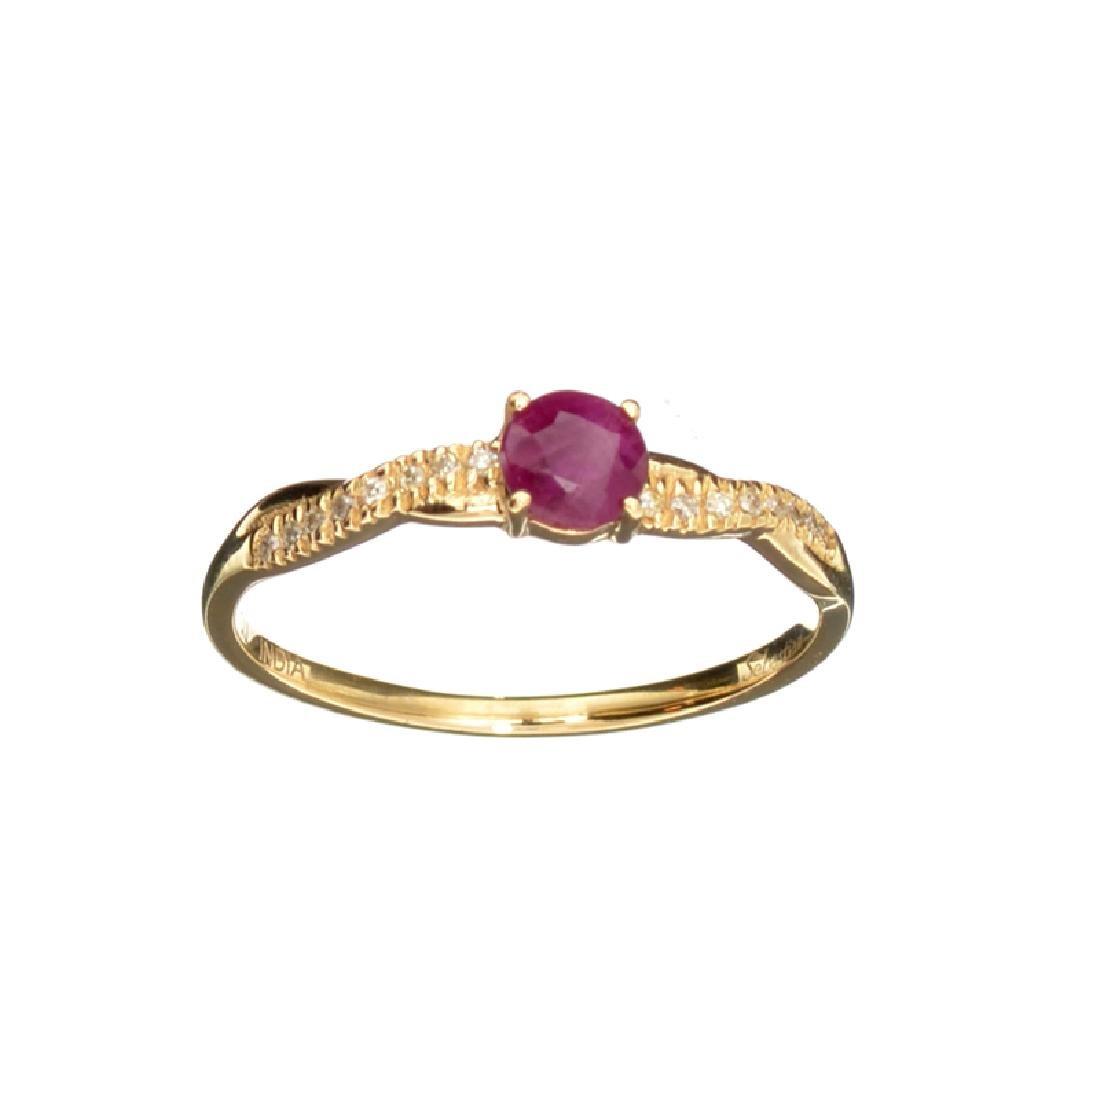 APP: 0.6k Fine Jewelry Designer Sebastian 14KT Gold,